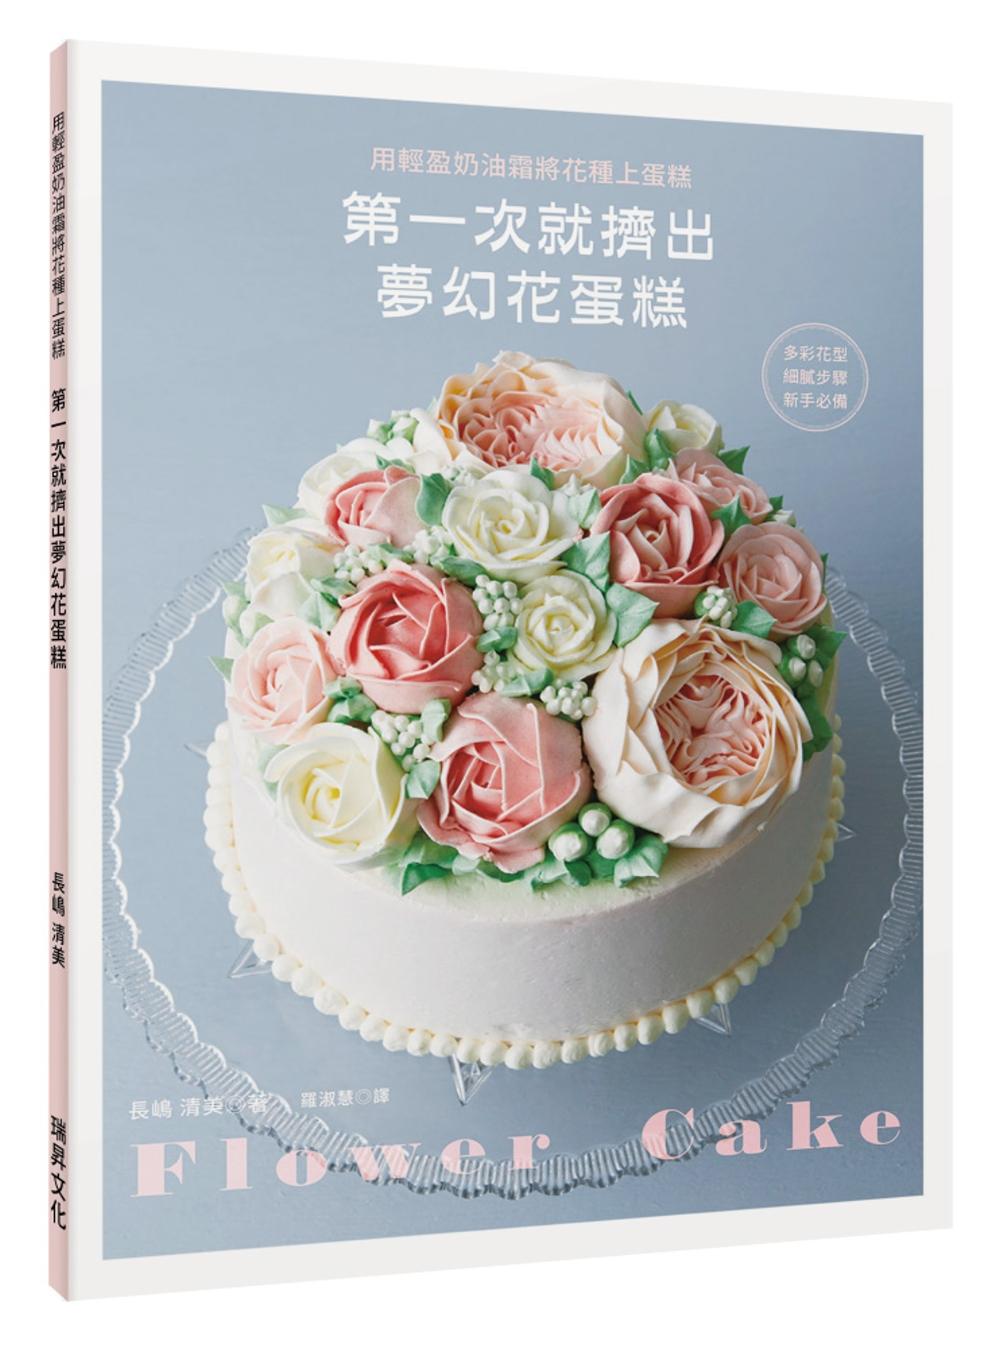 ◤博客來BOOKS◢ 暢銷書榜《推薦》第一次就擠出 夢幻花蛋糕:用輕盈奶油霜將花種上蛋糕